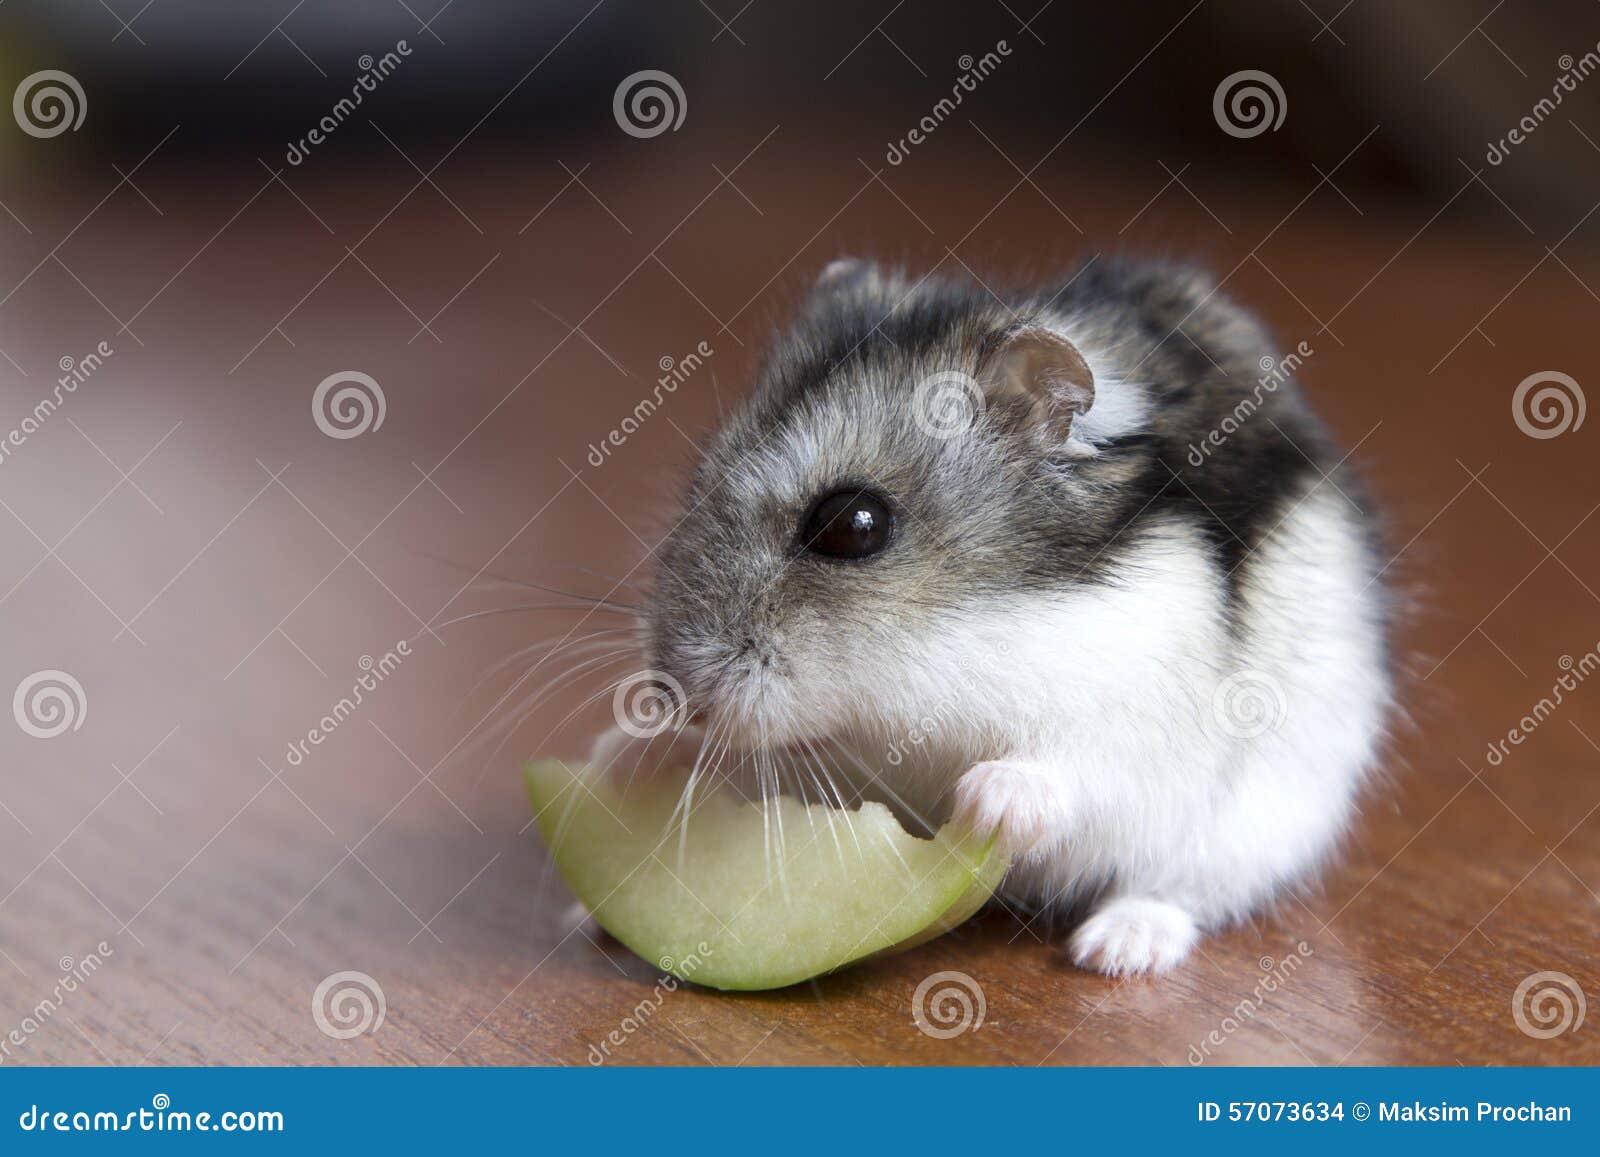 kan hamstrar äta äpple